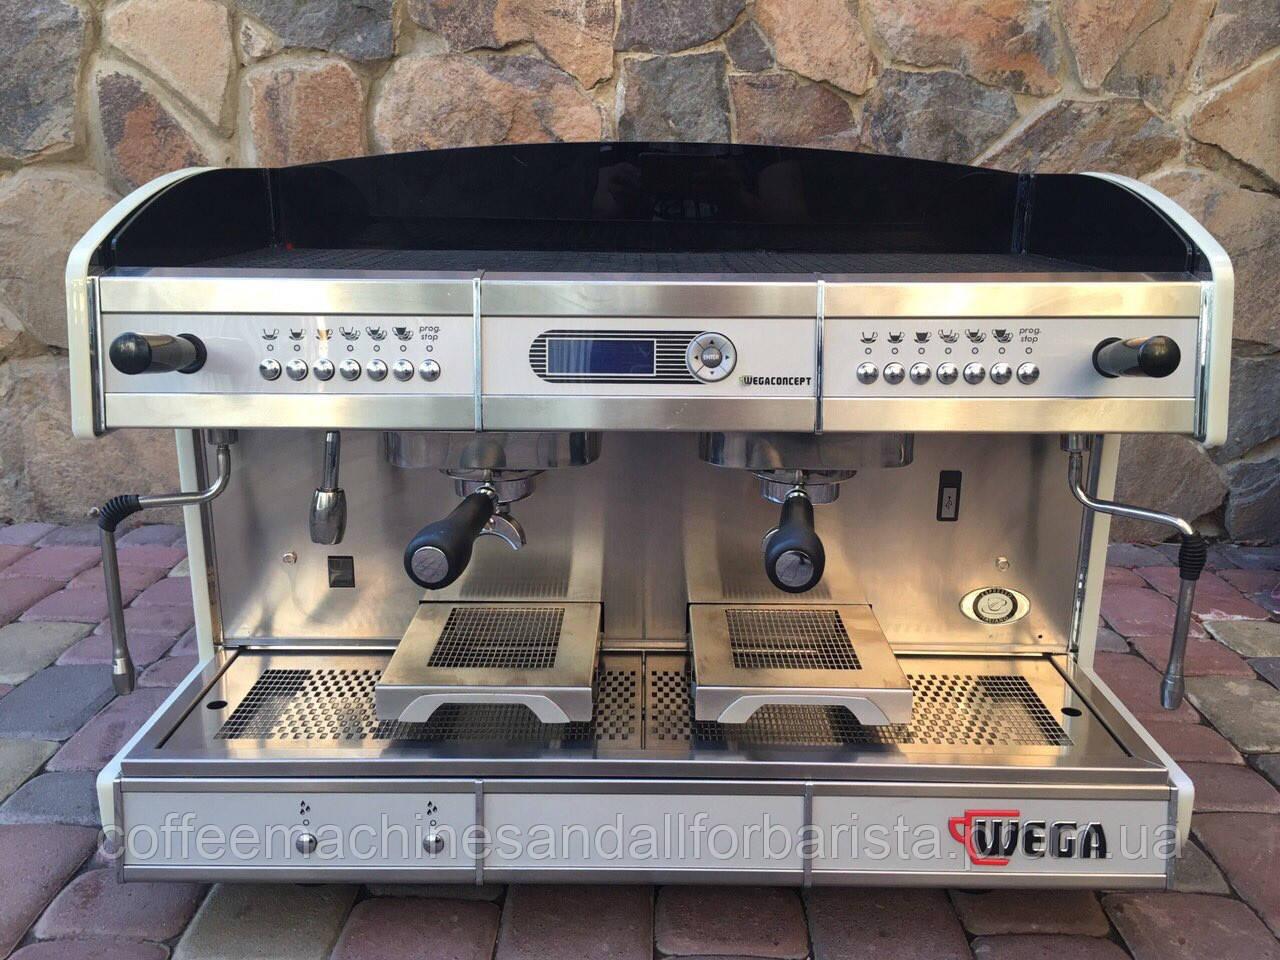 Кофемашина Wega Concept (2группы,3группы,мультибойлерная)